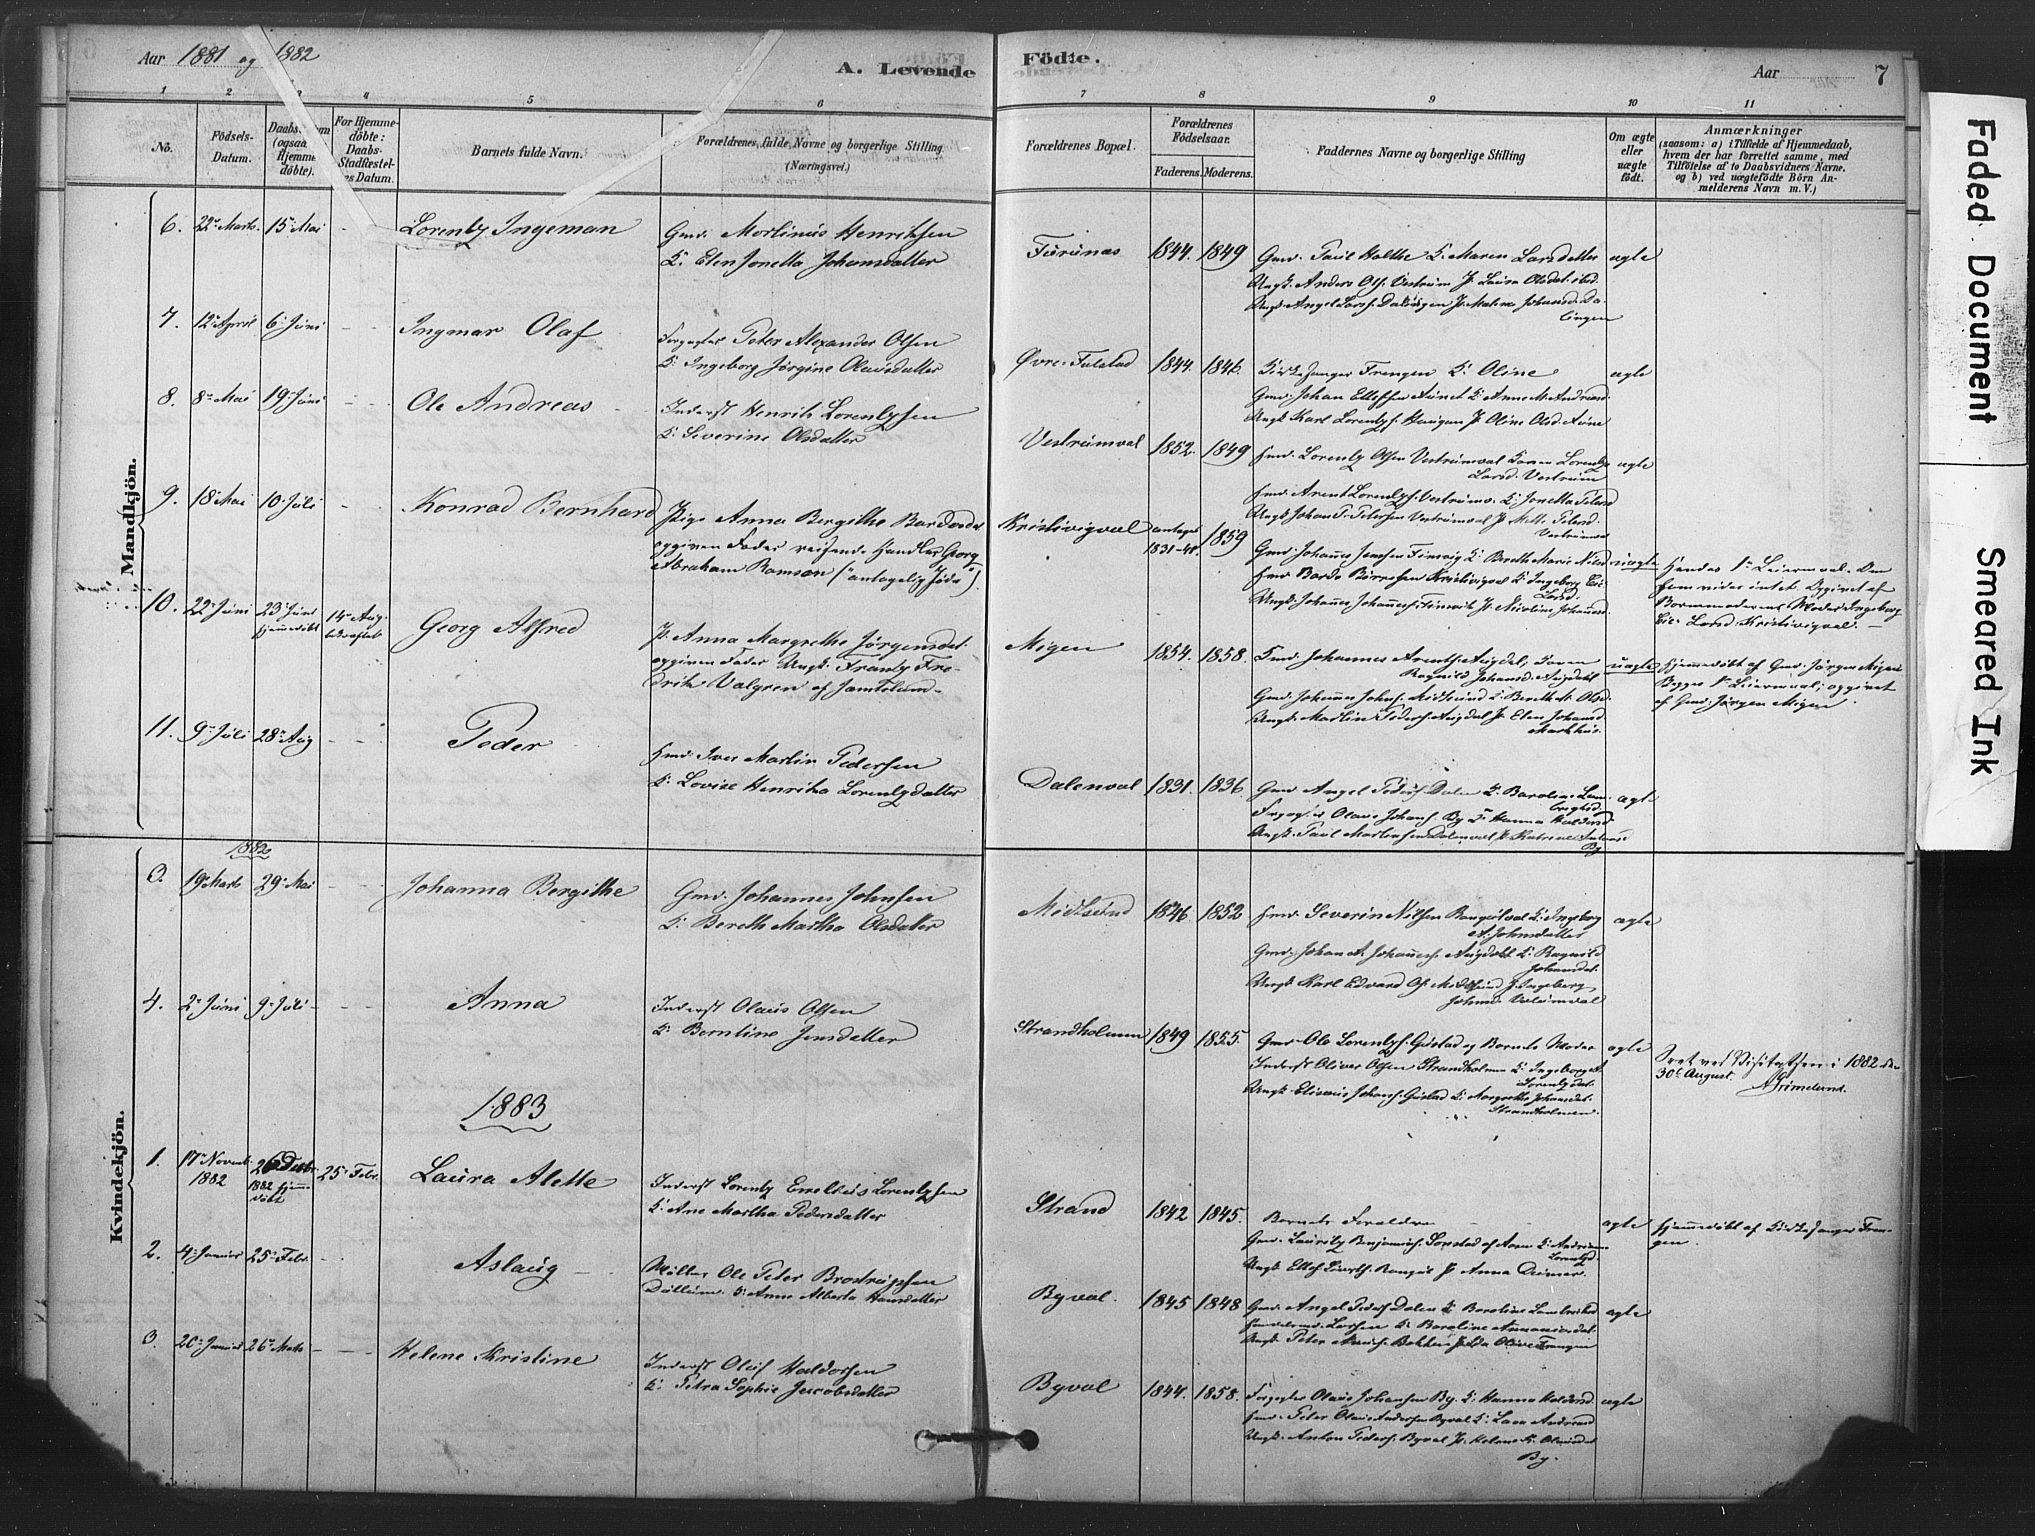 SAT, Ministerialprotokoller, klokkerbøker og fødselsregistre - Nord-Trøndelag, 719/L0178: Ministerialbok nr. 719A01, 1878-1900, s. 7